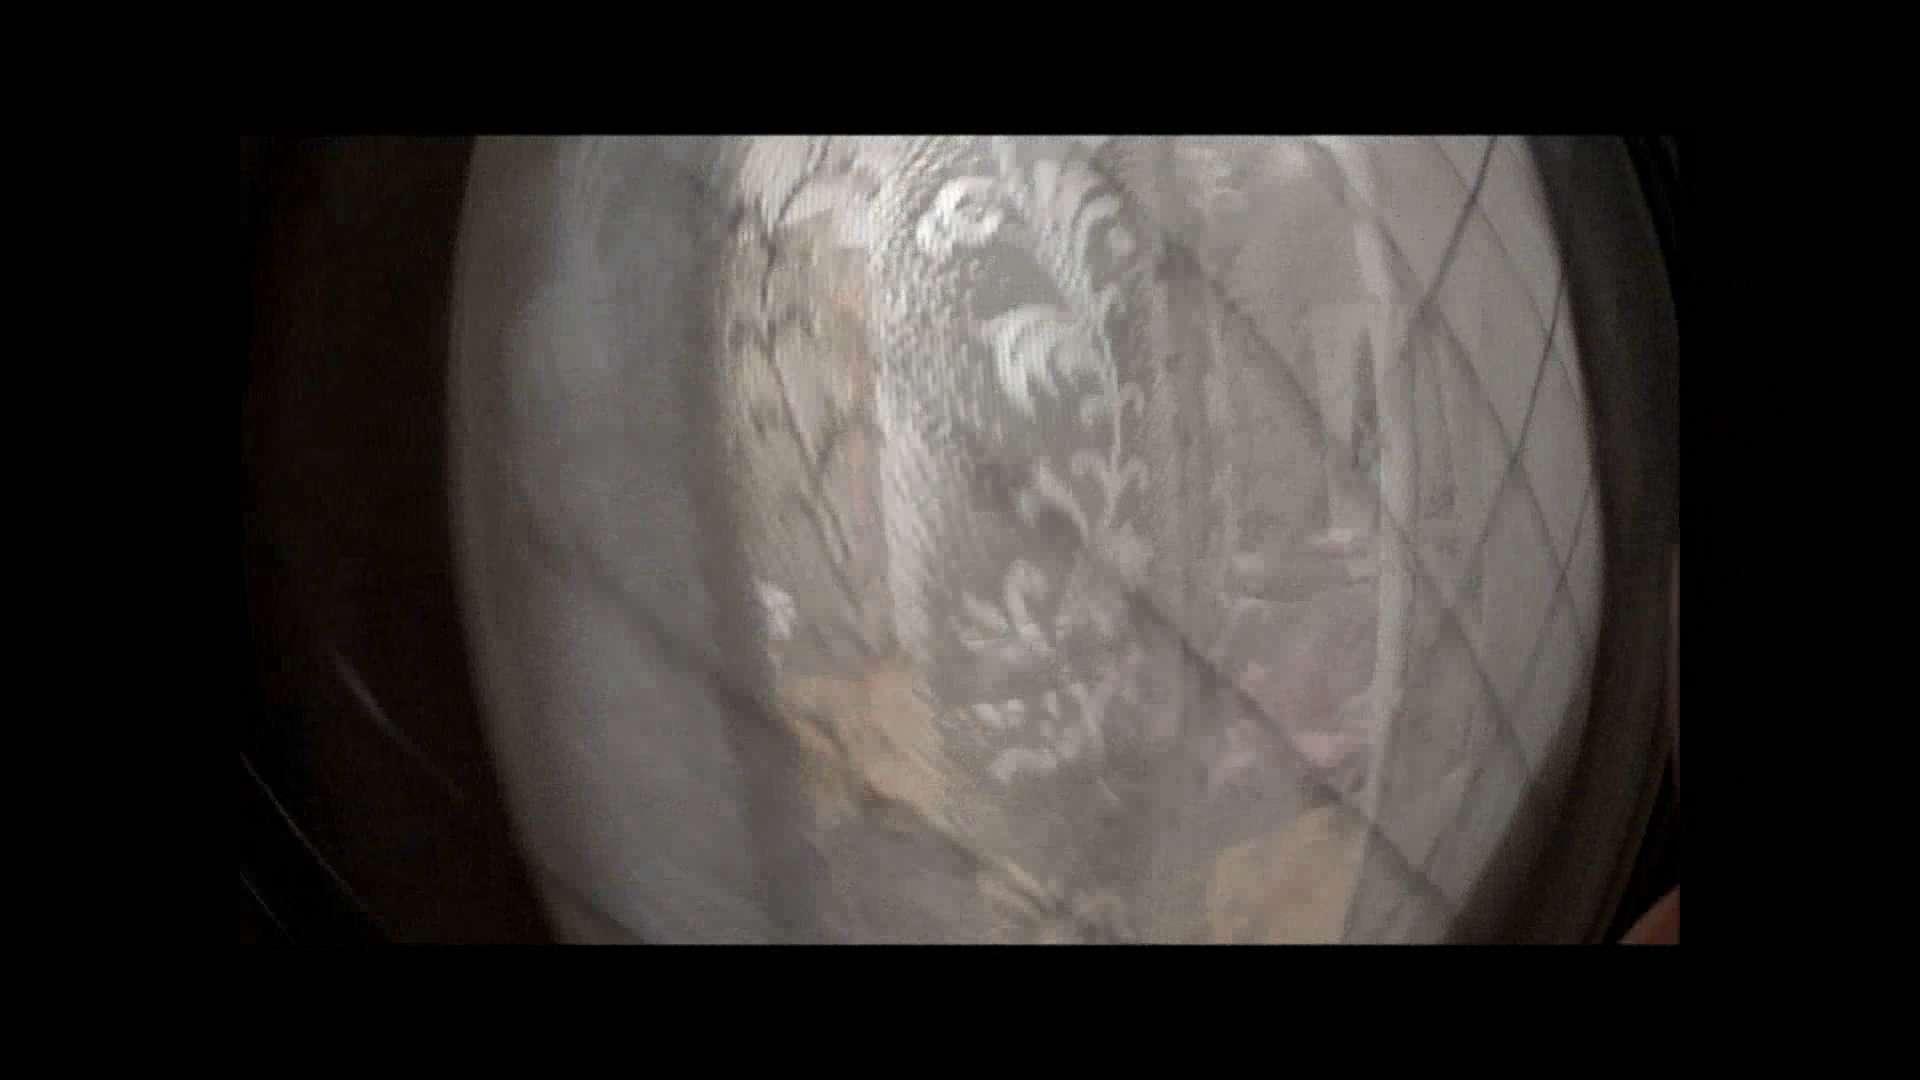 【04】別の日・・・魚眼レンズで広角に撮れました。 Hな熟女 えろ無修正画像 111pic 19